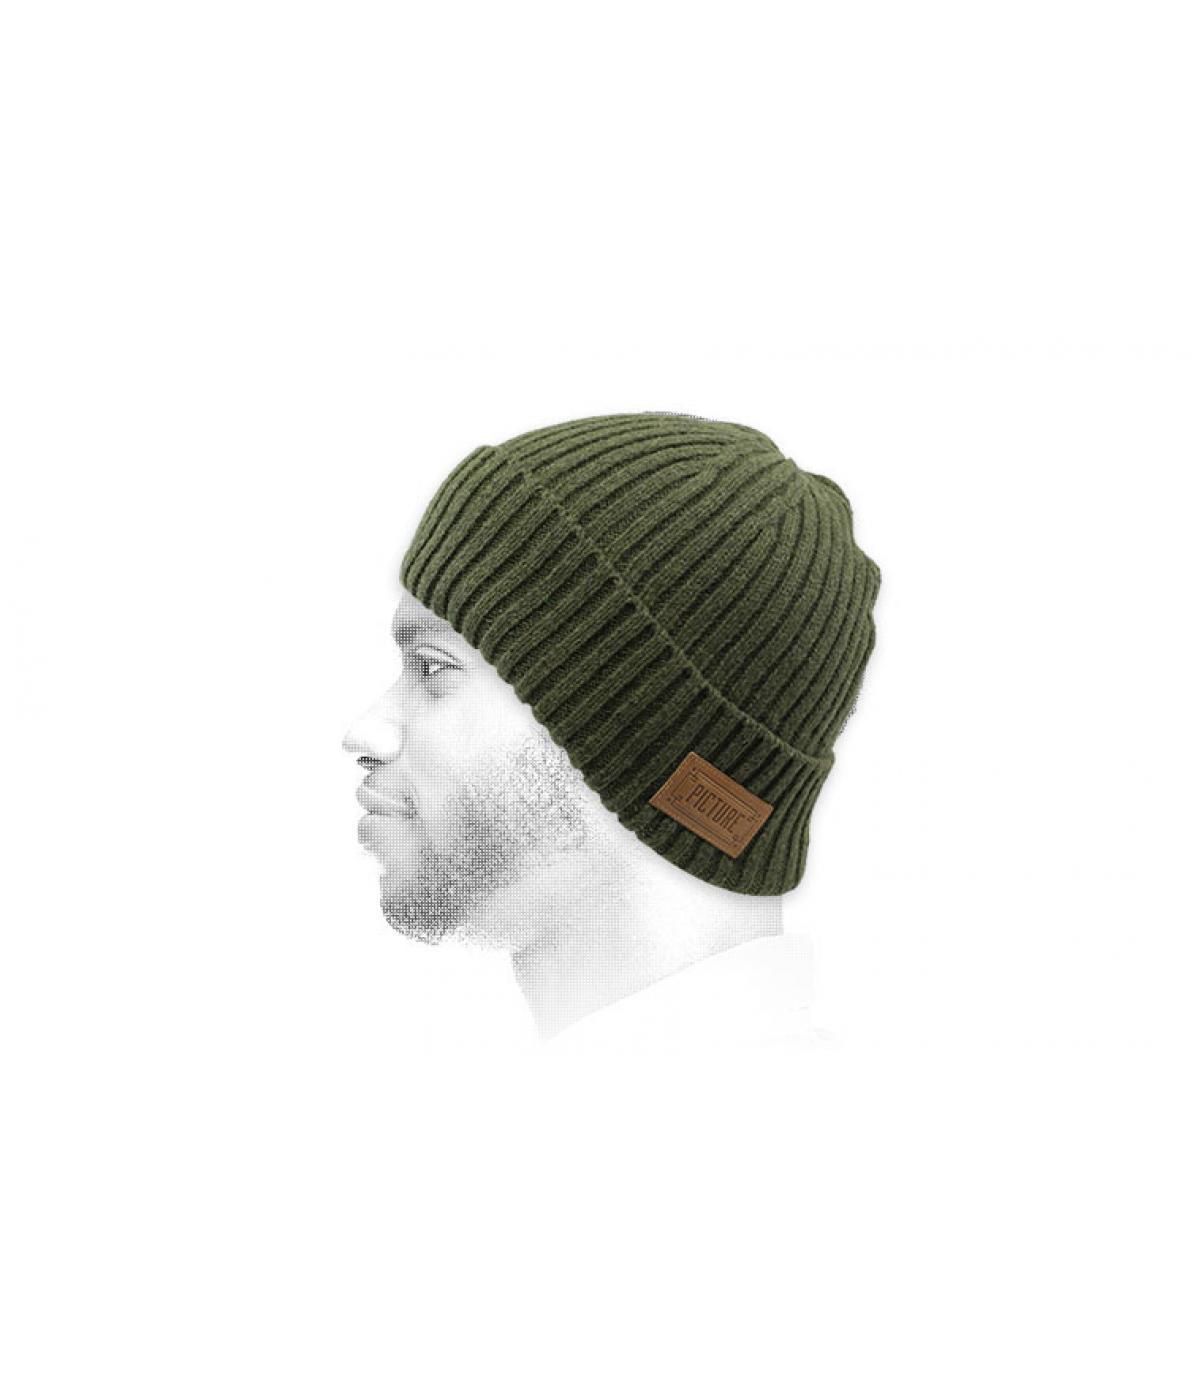 Mütze mit Rand grün Picture